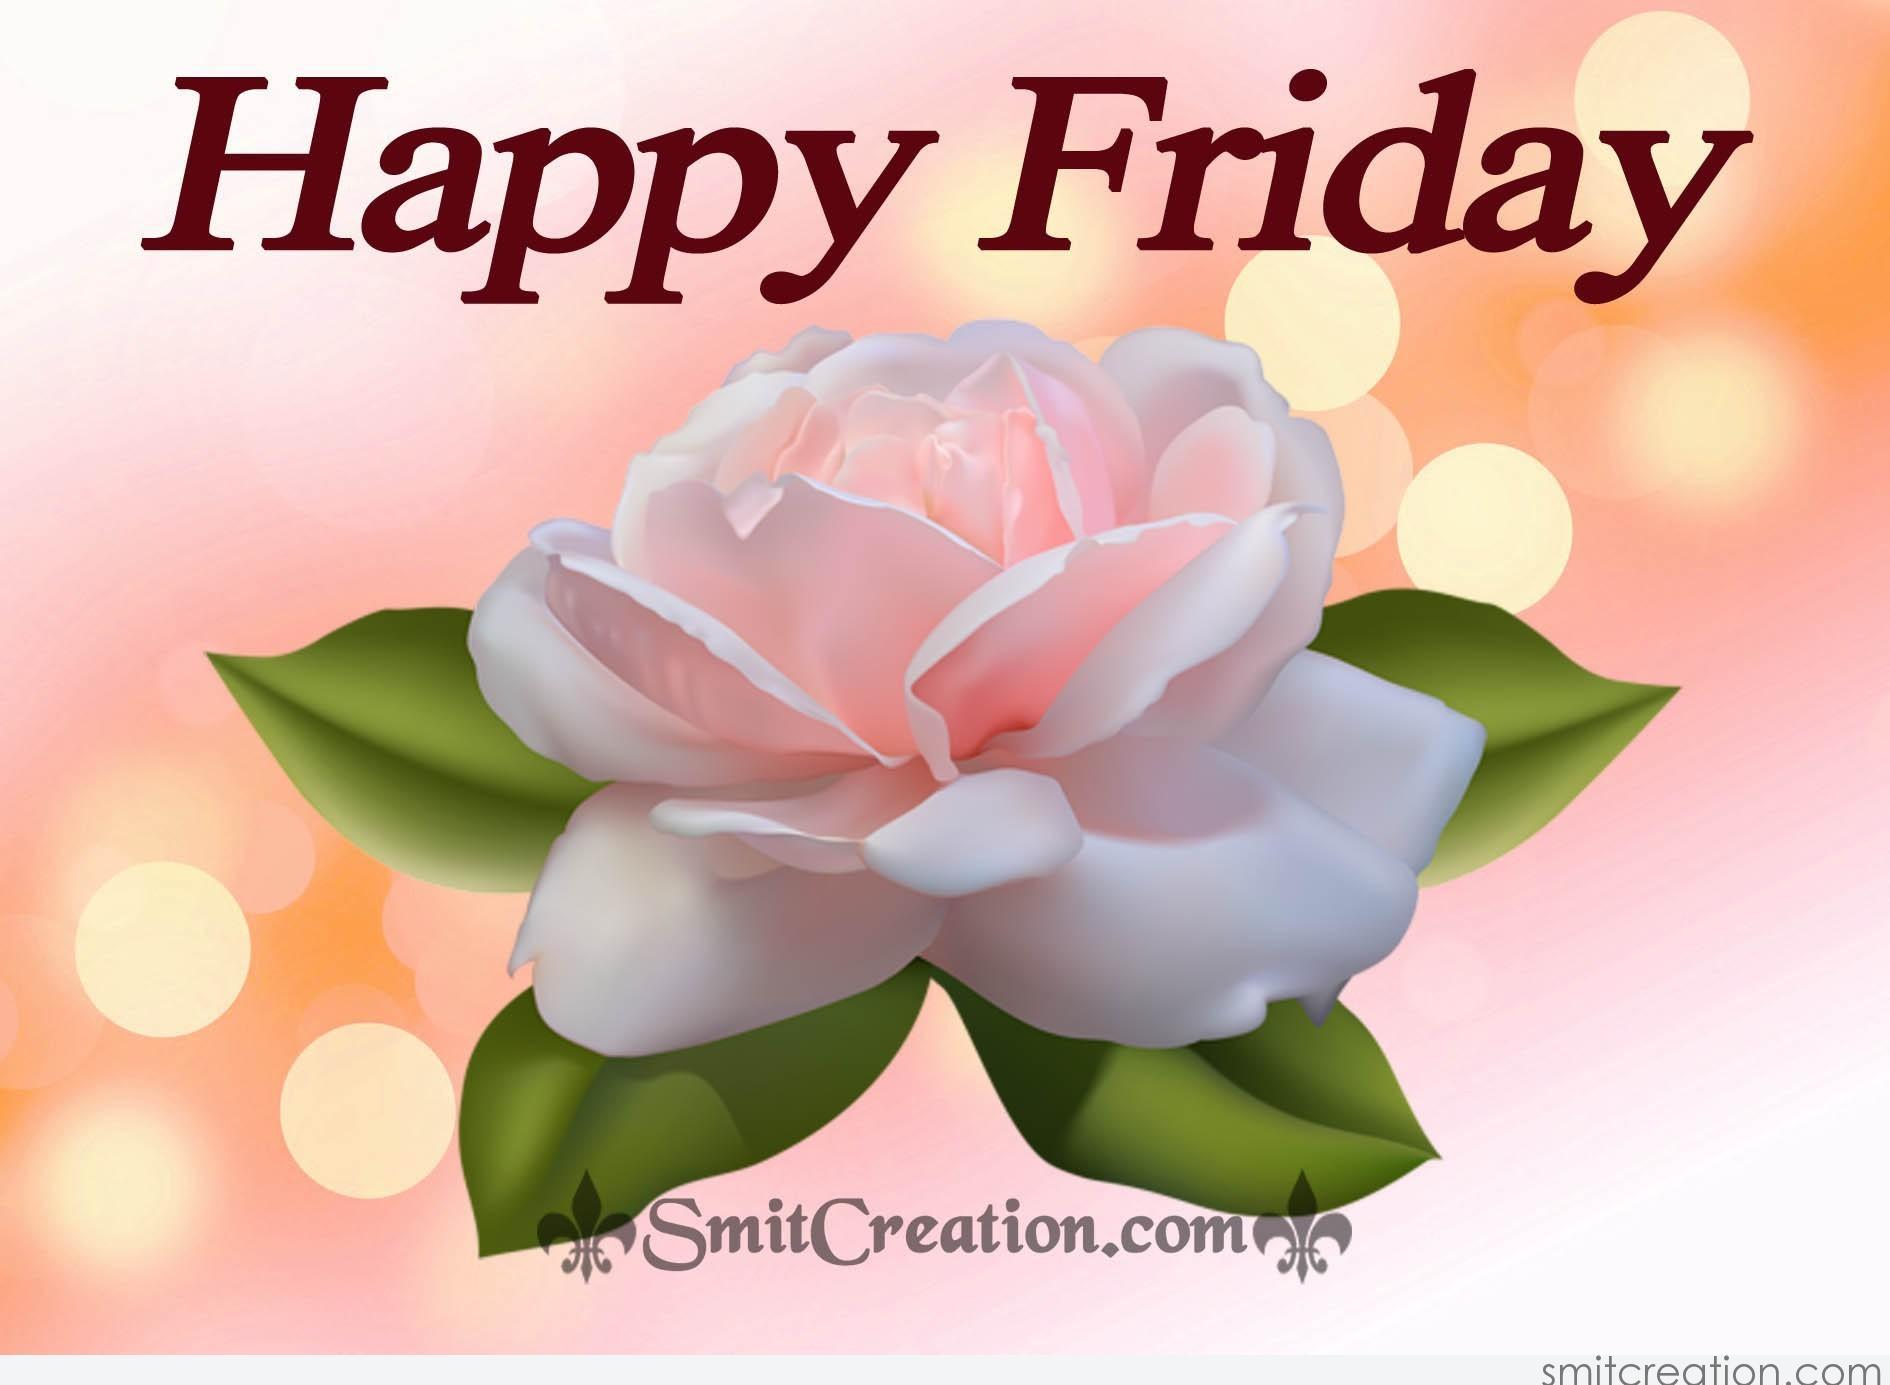 Happy Friday Smitcreation